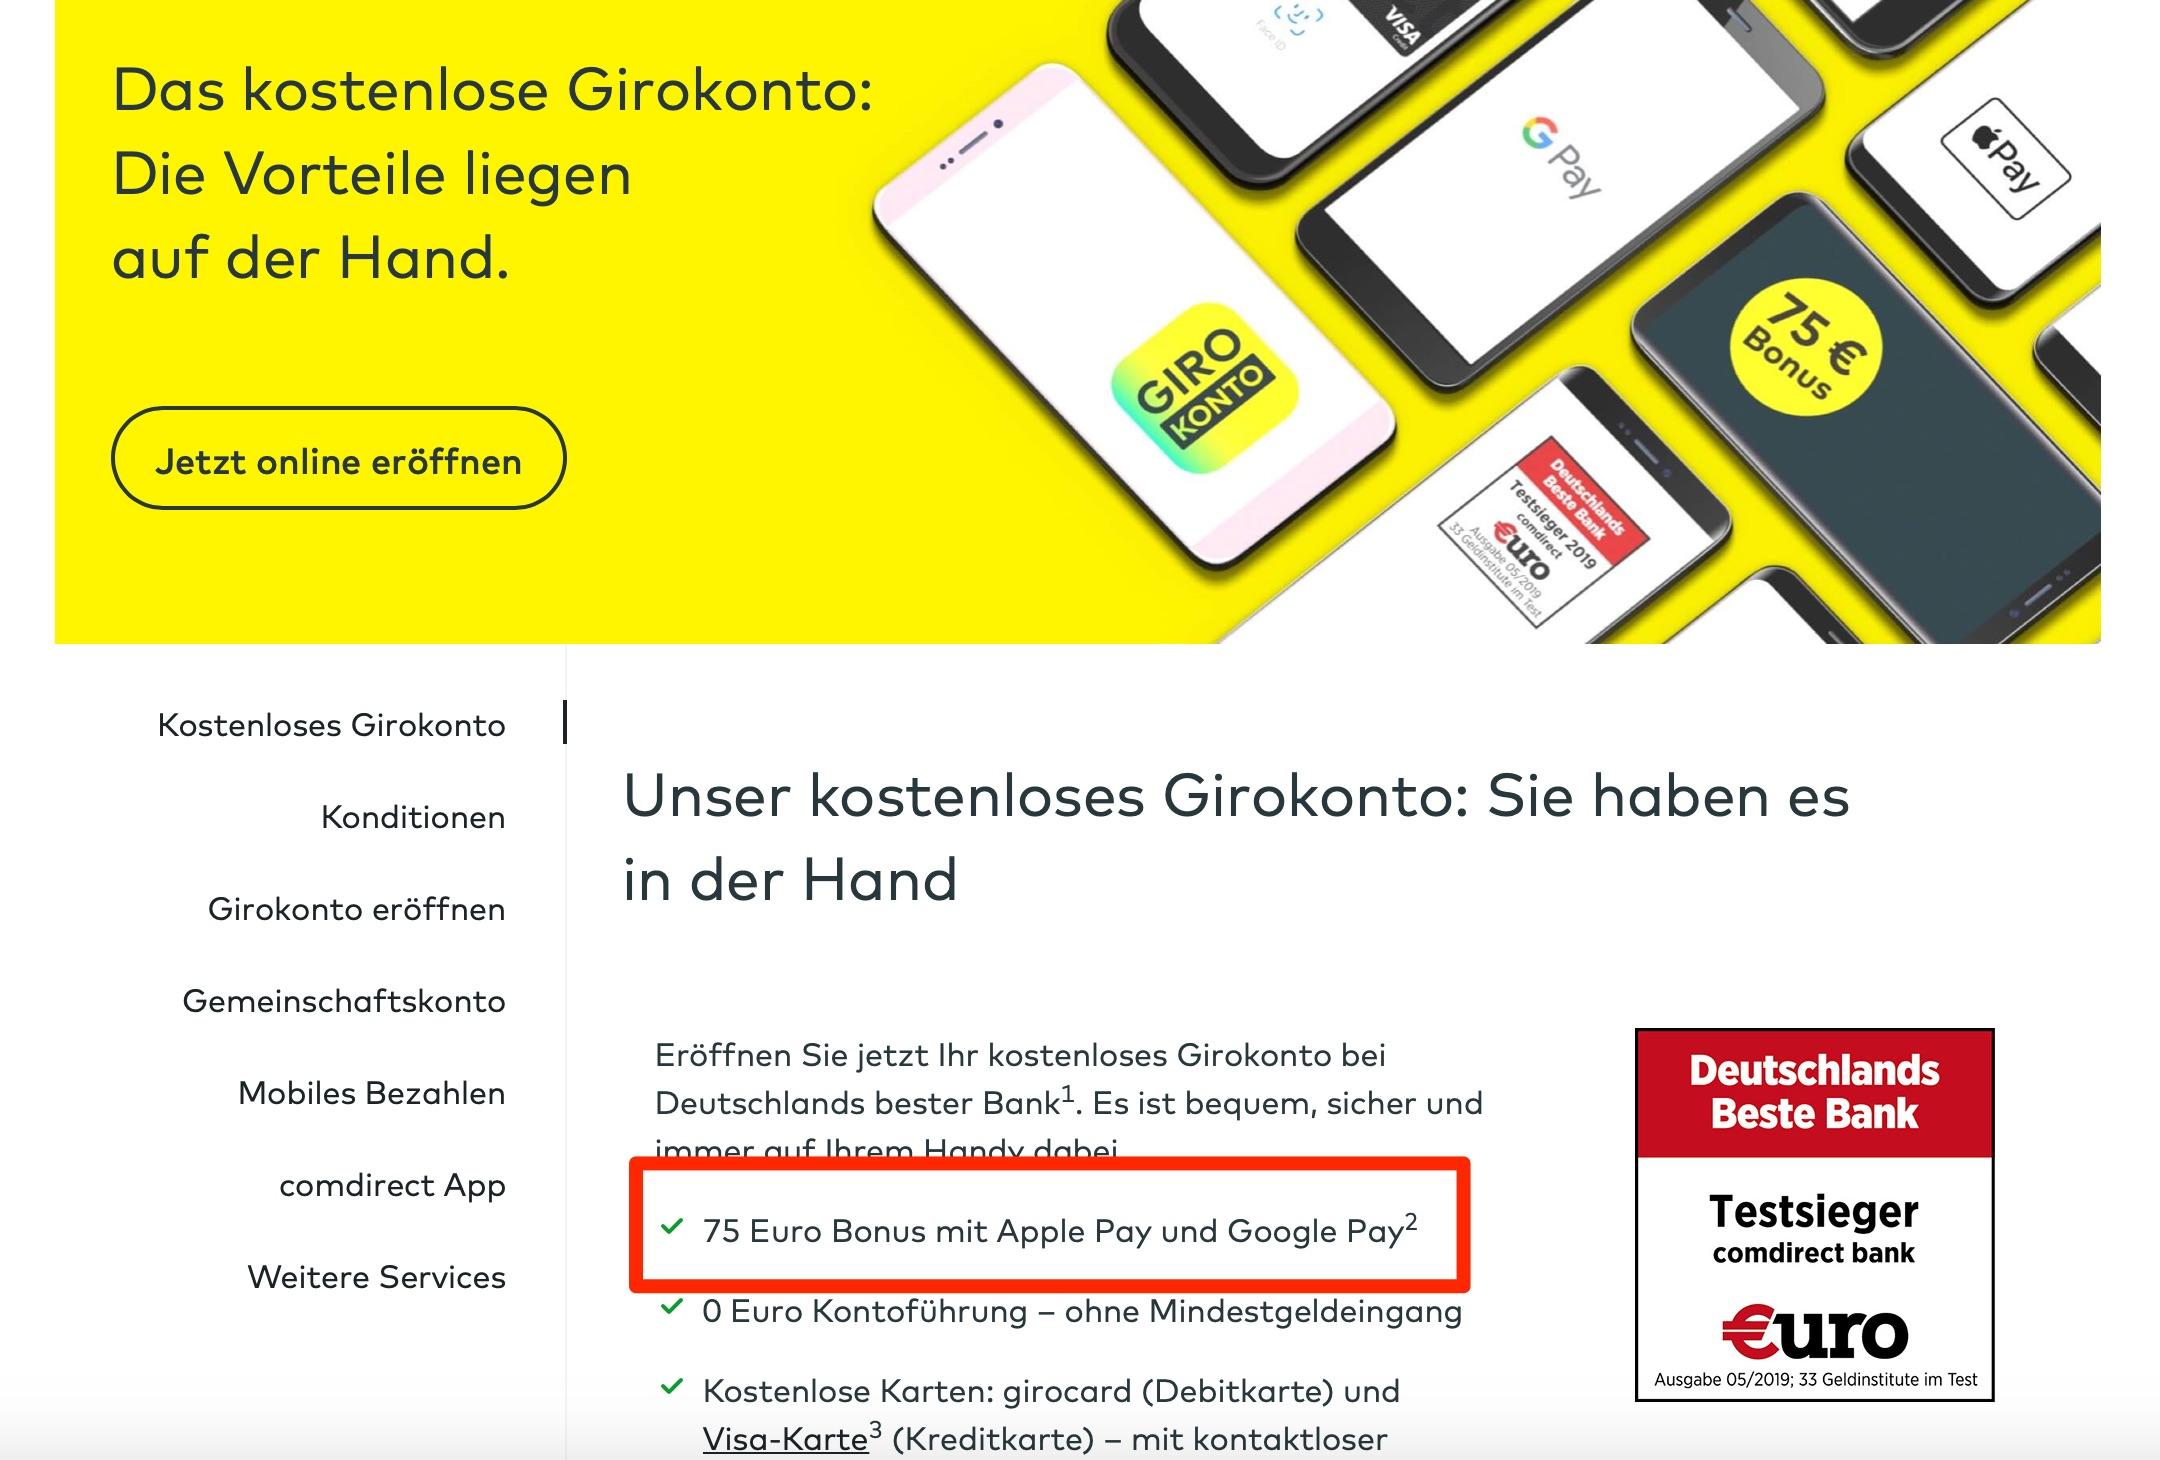 Comdirect: 75 Euro Bonus für 3 Zahlungen mit Apple Pay oder Google Pay